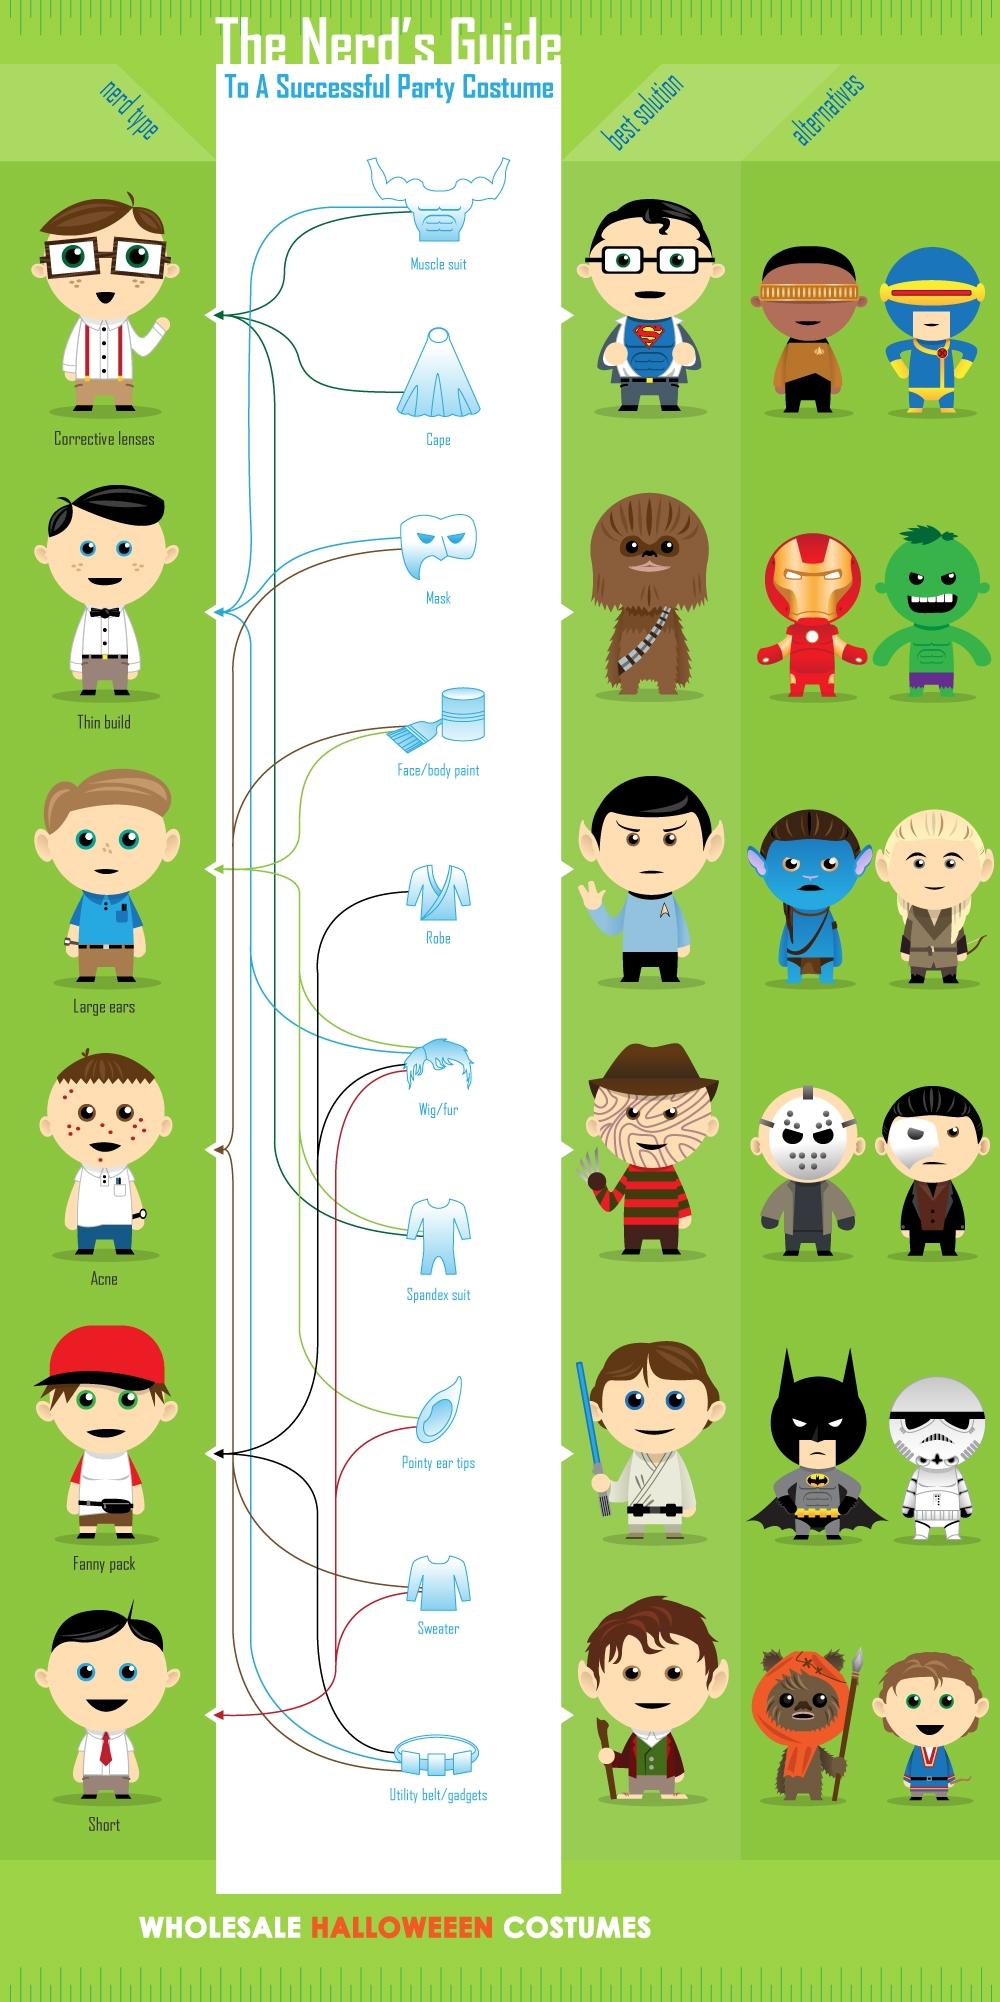 nerd-costume-guide_5029155285c10[1]